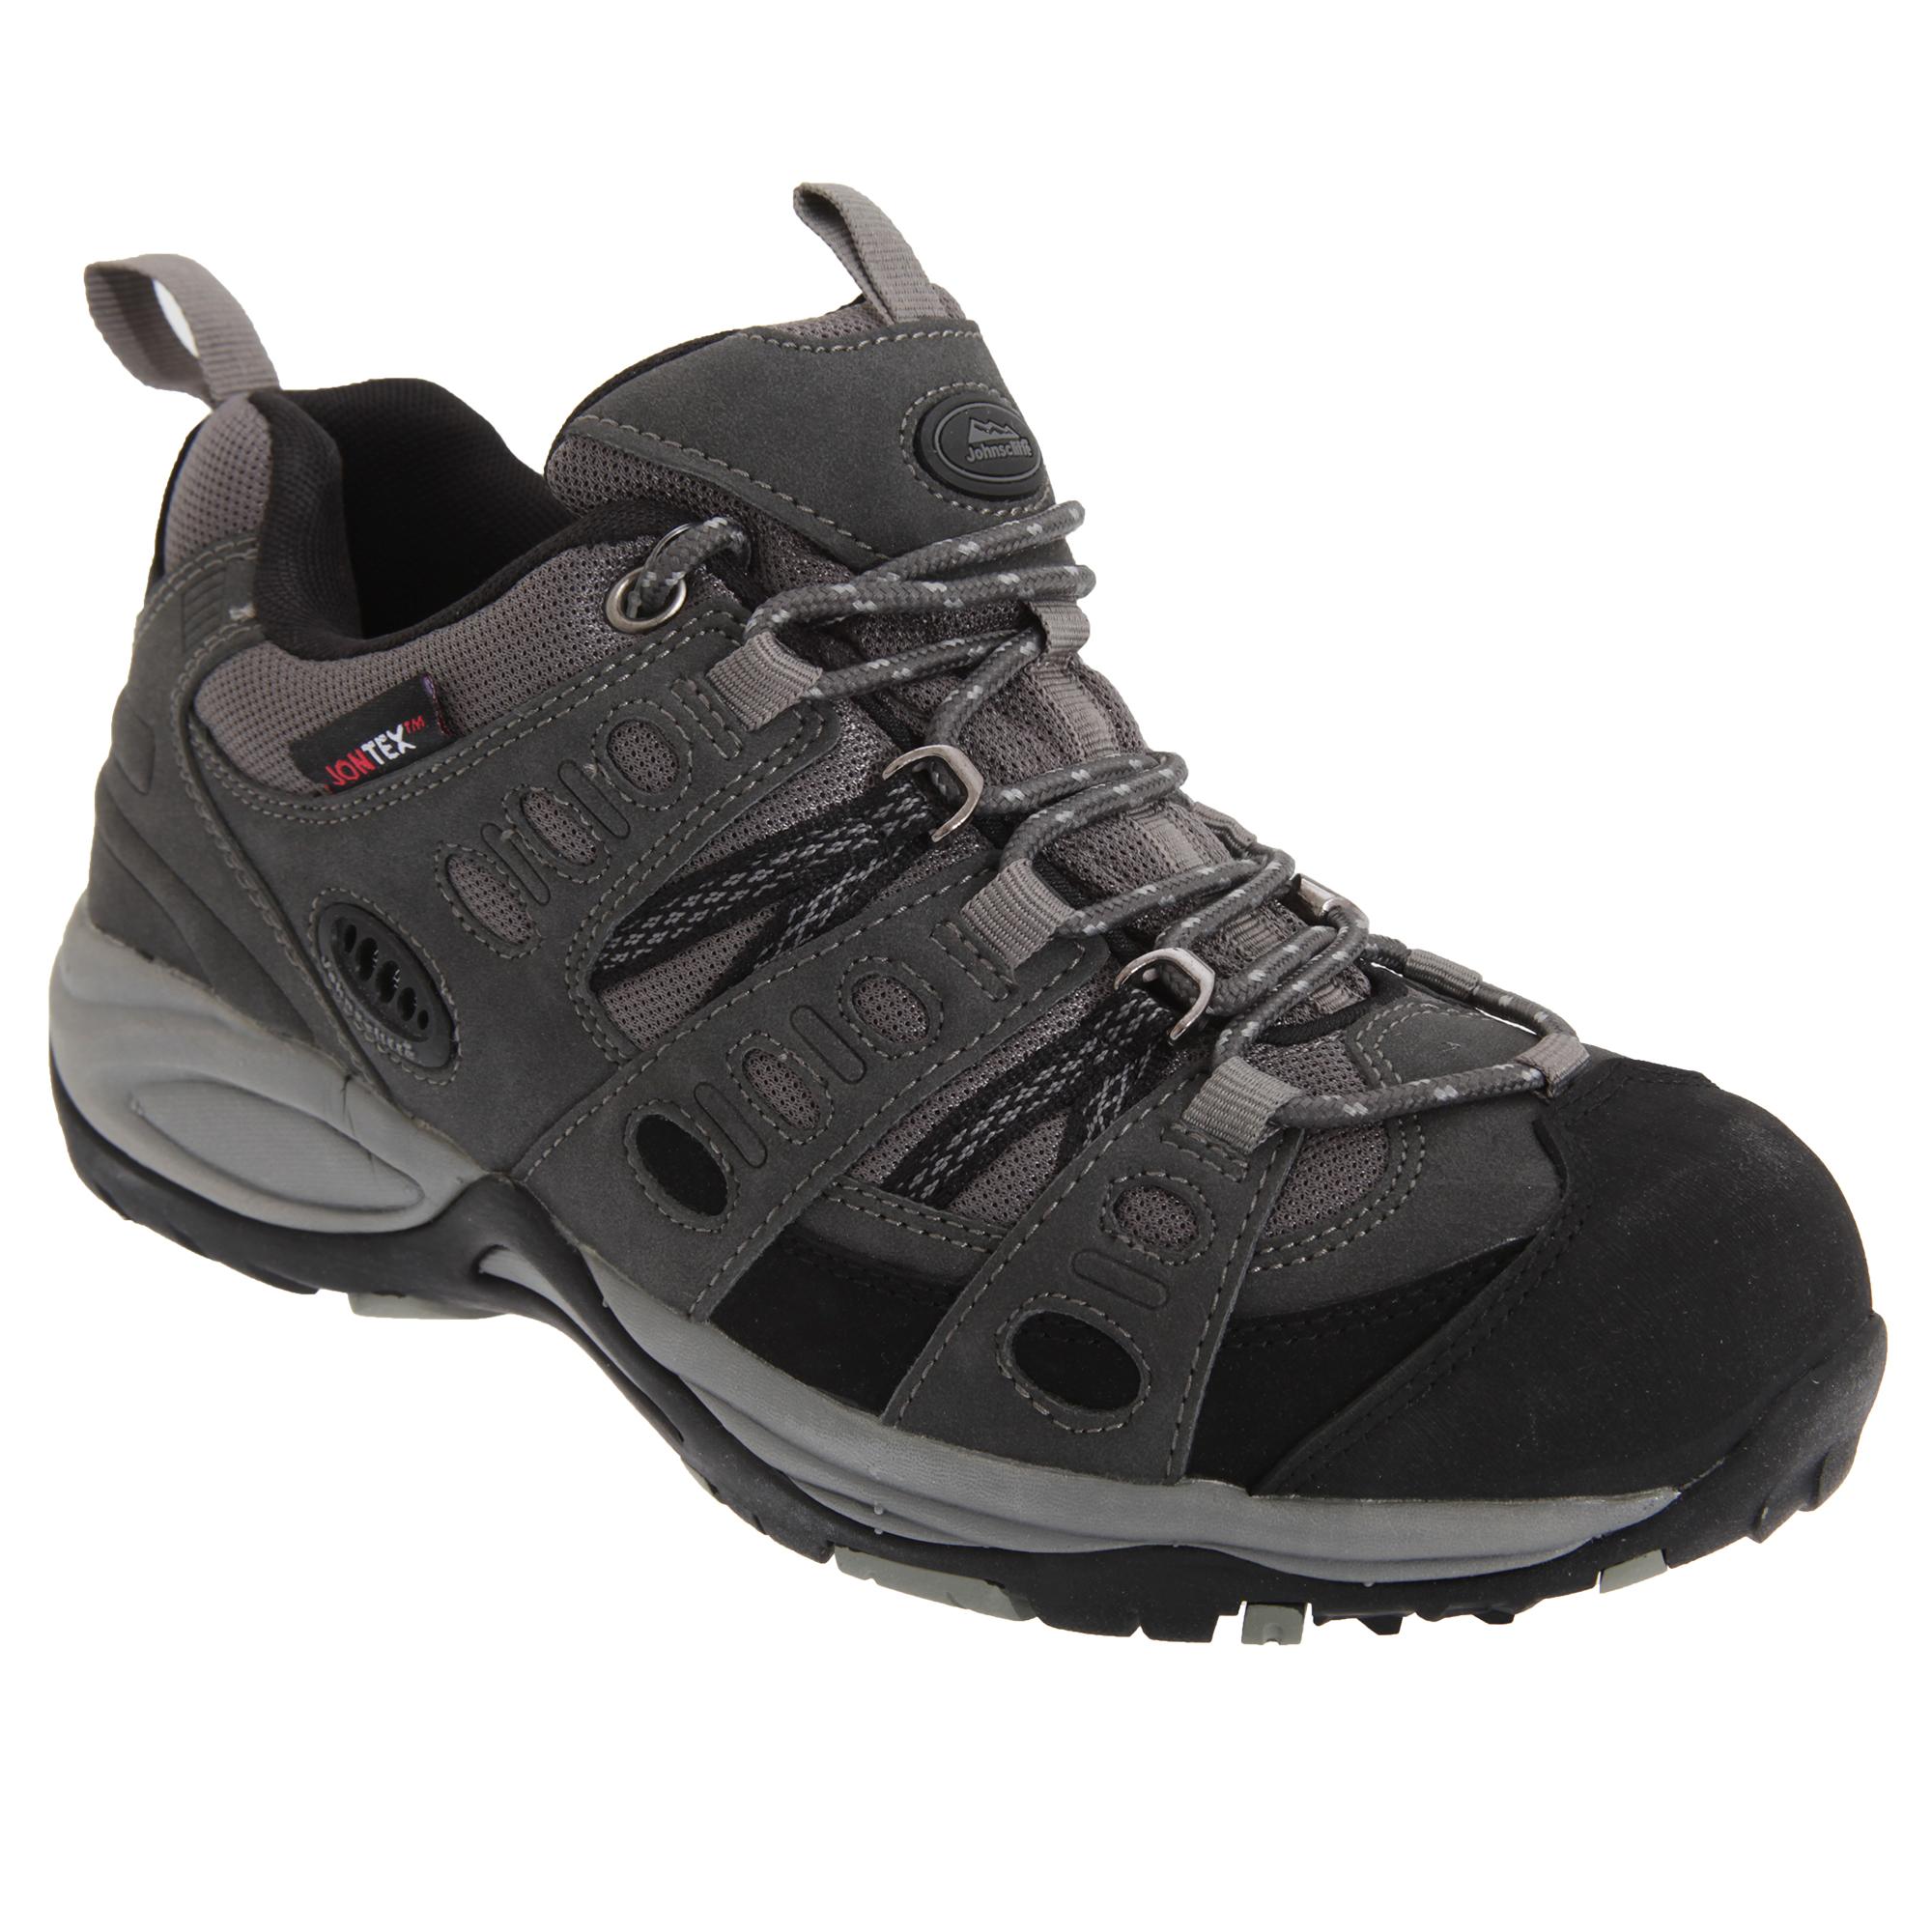 Johnscliffe Kathmandu - Zapatos de senderísmo modelo Kathmandu Johnscliffe para hombre (DF919) 1f015b